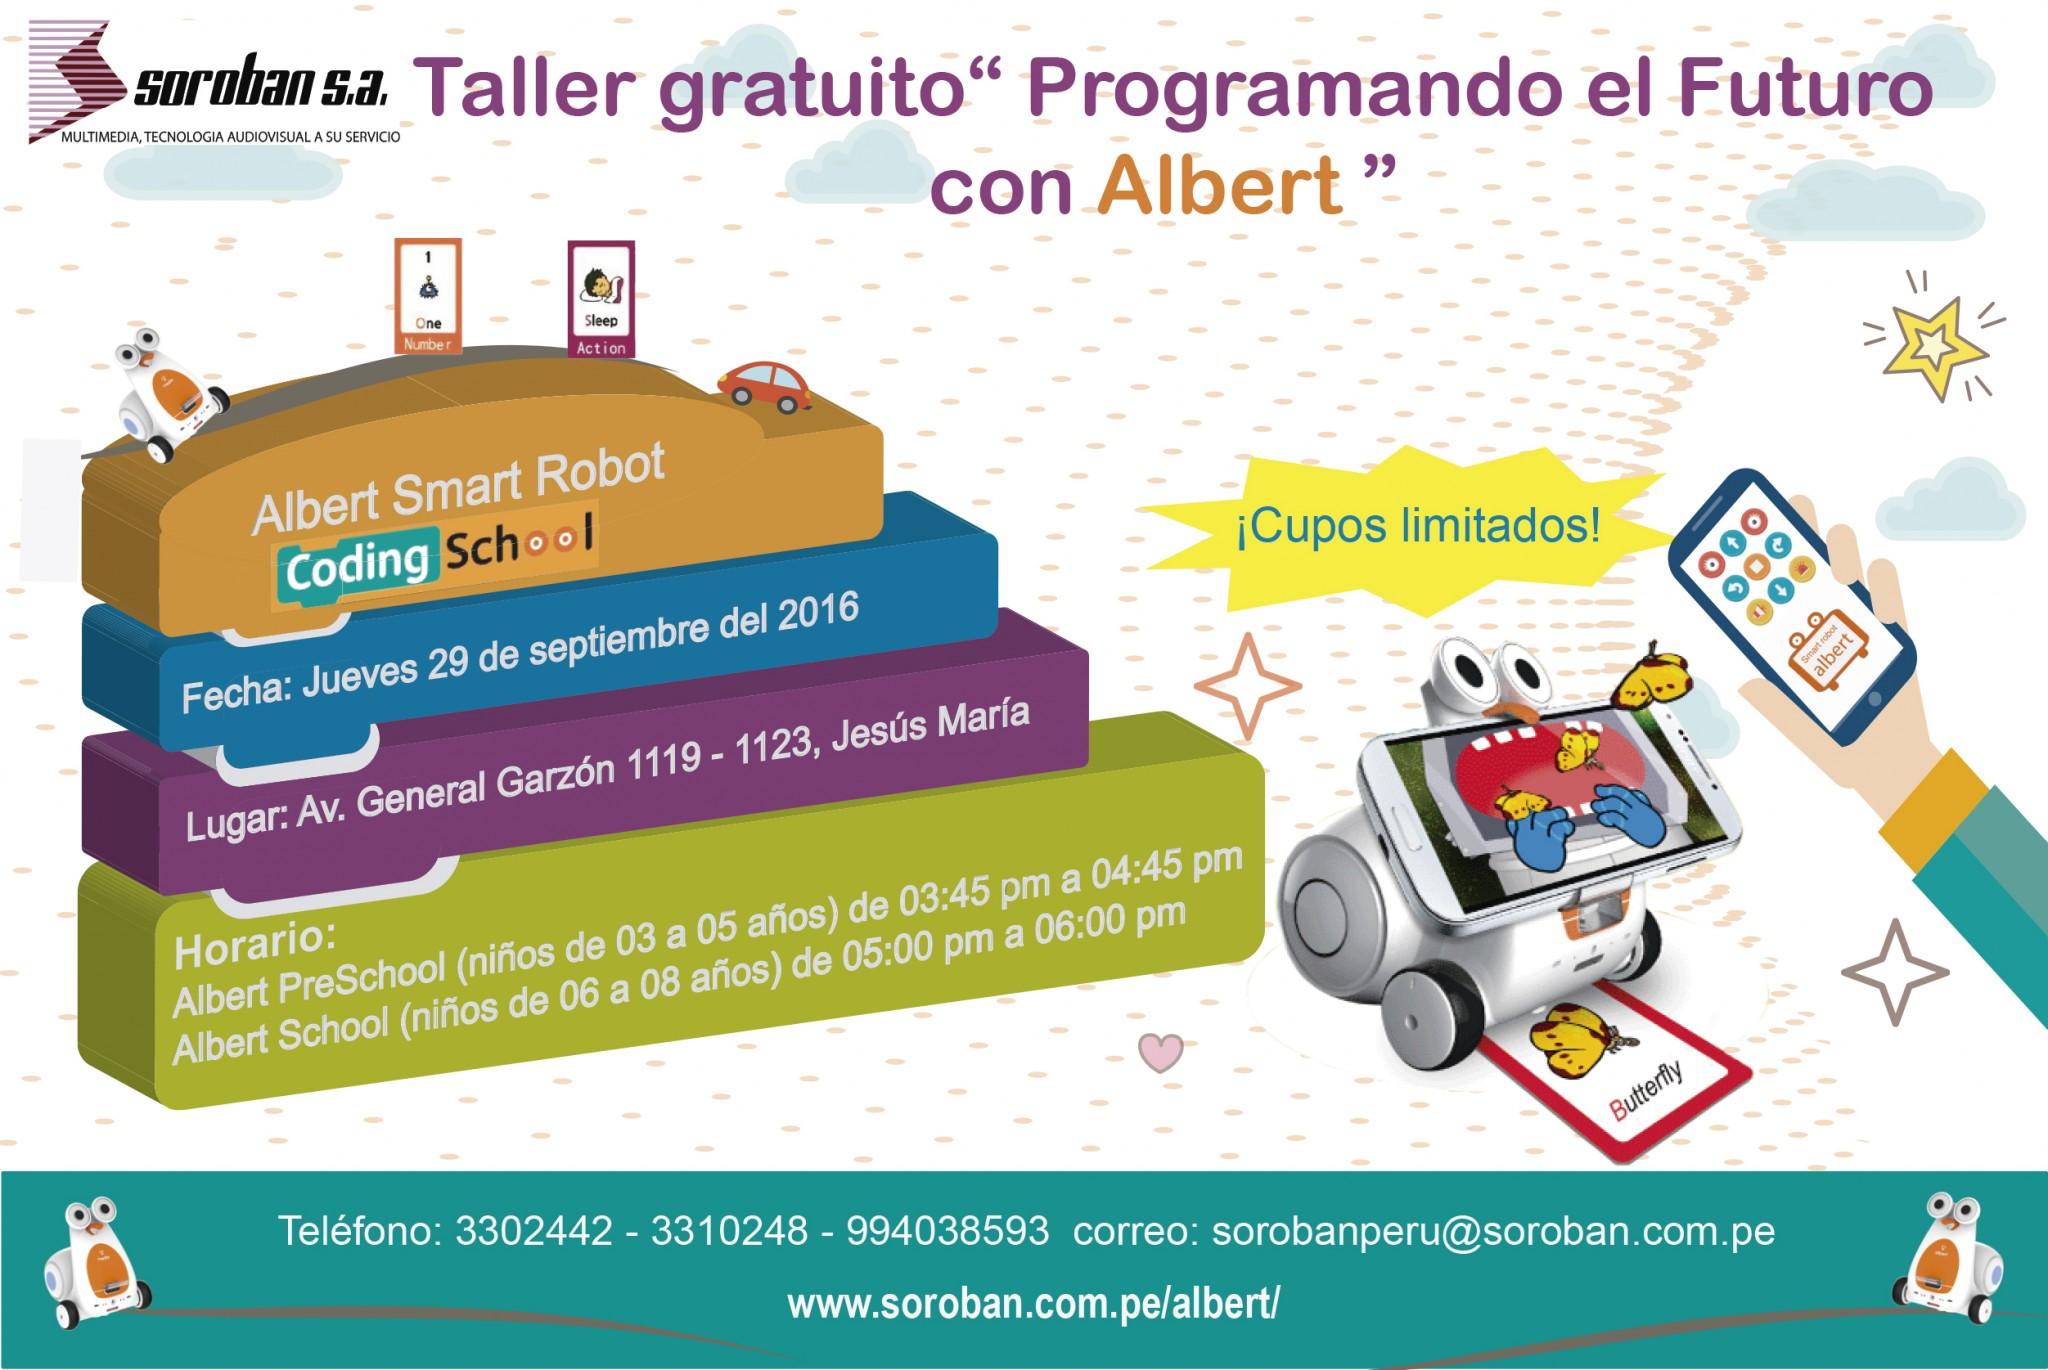 Taller de Robótica para Niños: Programando el Futuro con Albert